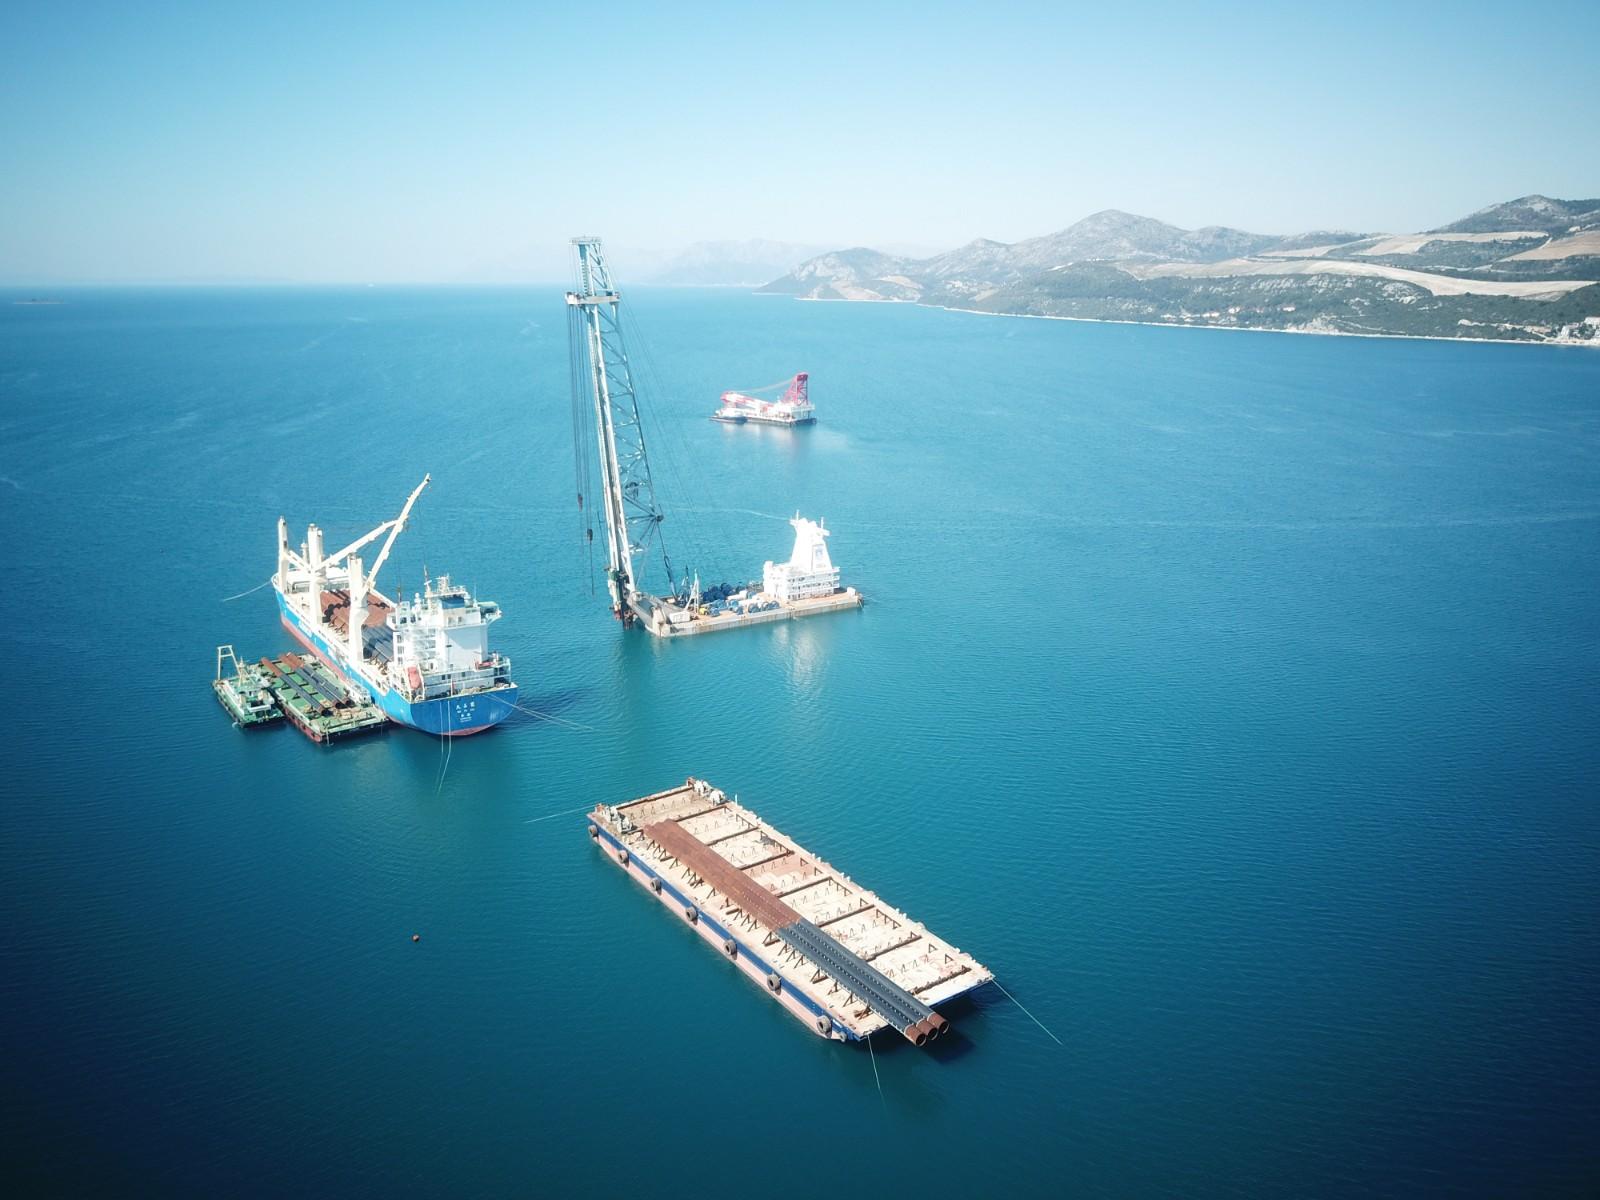 这是2019年3月22日航拍的克罗地亚佩列沙茨跨海大桥施工现场。今年1月,克罗地亚总理普连科维奇视察由中企承建的该项目工地时,对中国企业的施工进度表示赞赏,并指出佩列沙茨大桥意义重大,体现克中两国良好合作关系。